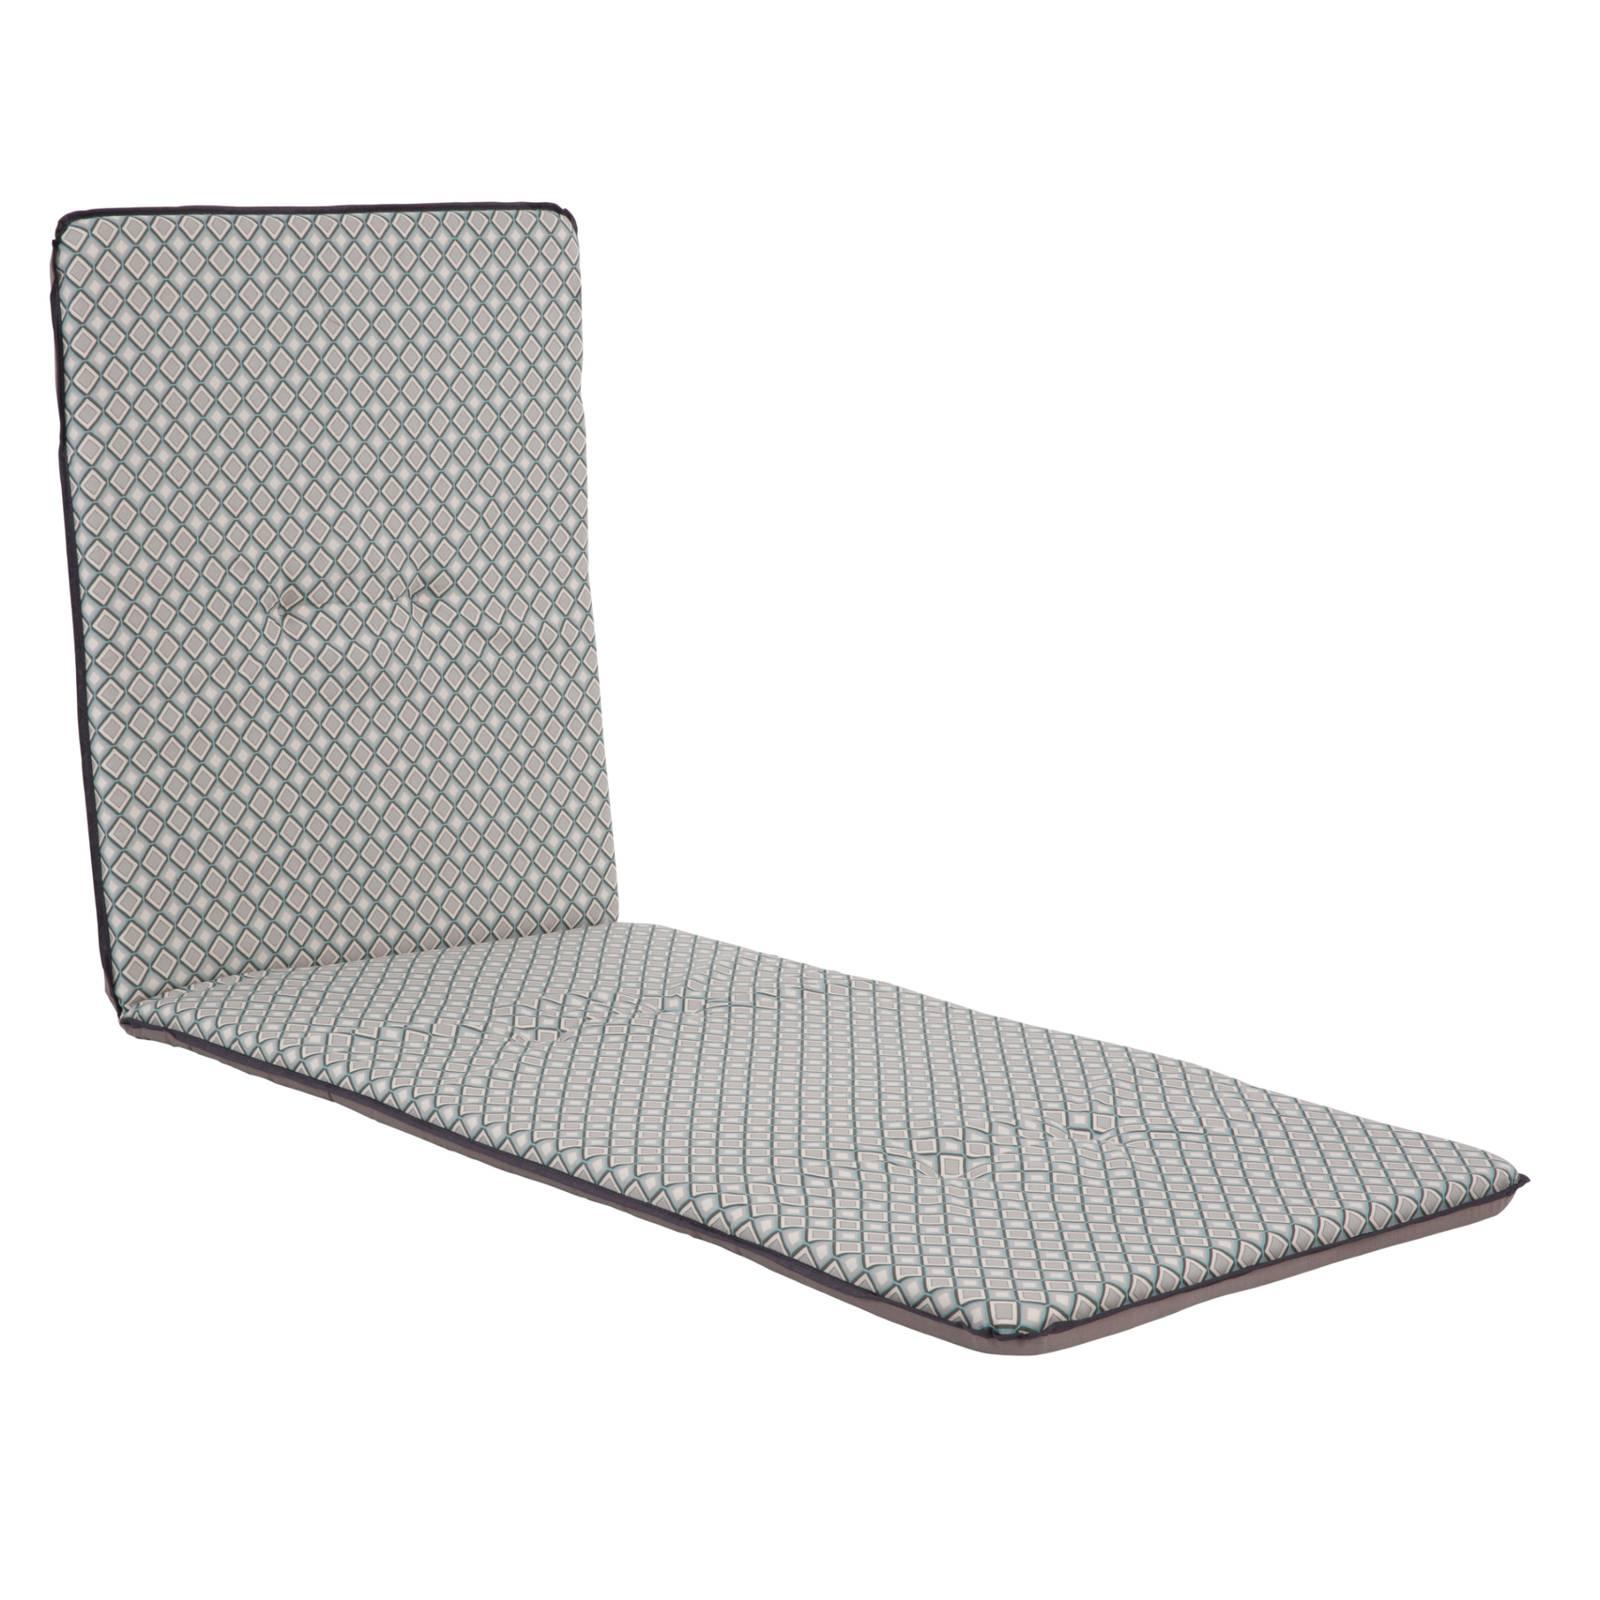 Poduszka dwustronna na leżak / łóżko Mona Liege 4 cm L109-24PB PATIO